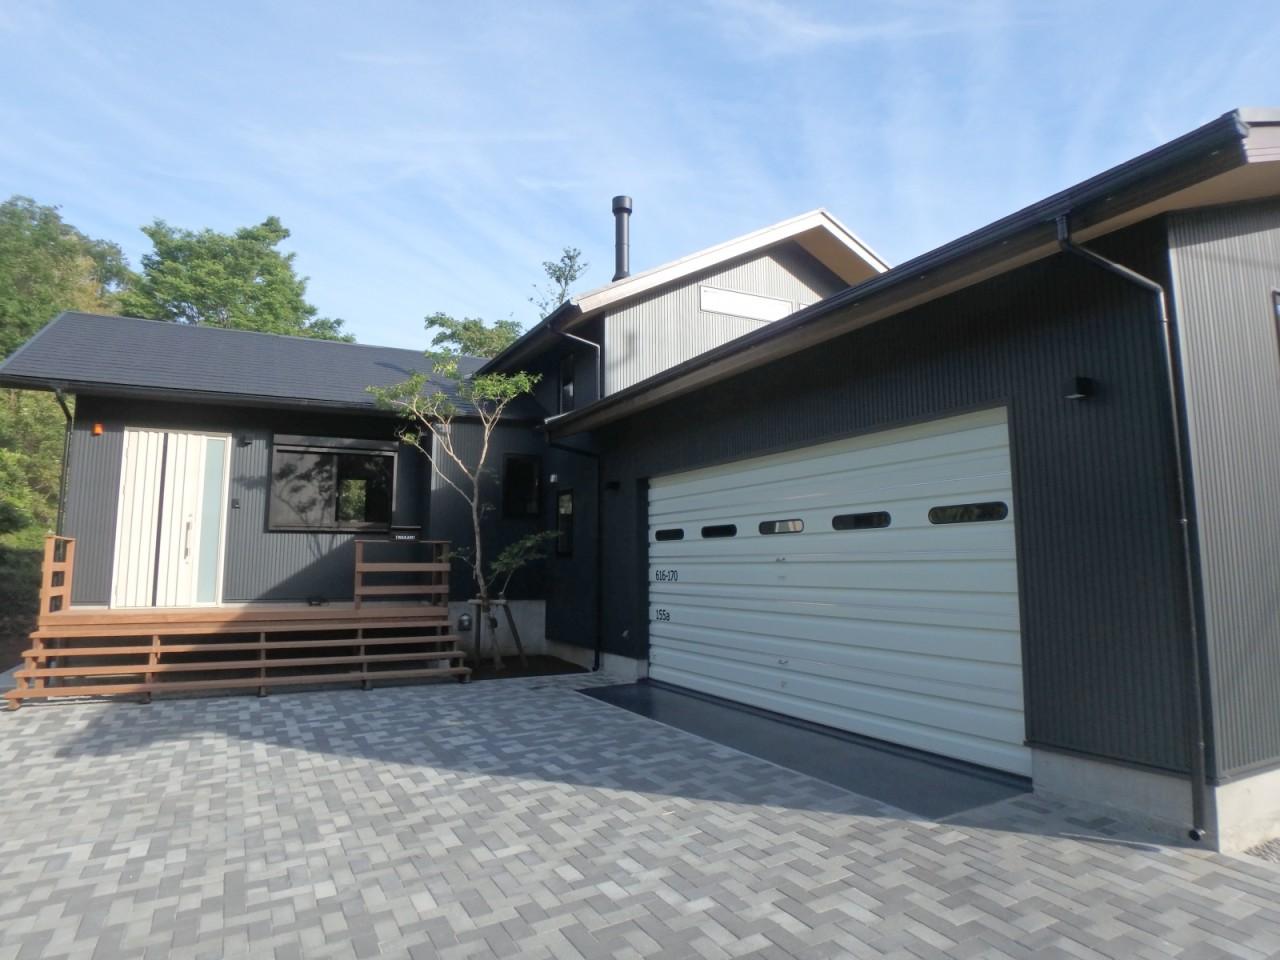 屋根コロニアル葺き・外壁金属サイディング(伊東市)